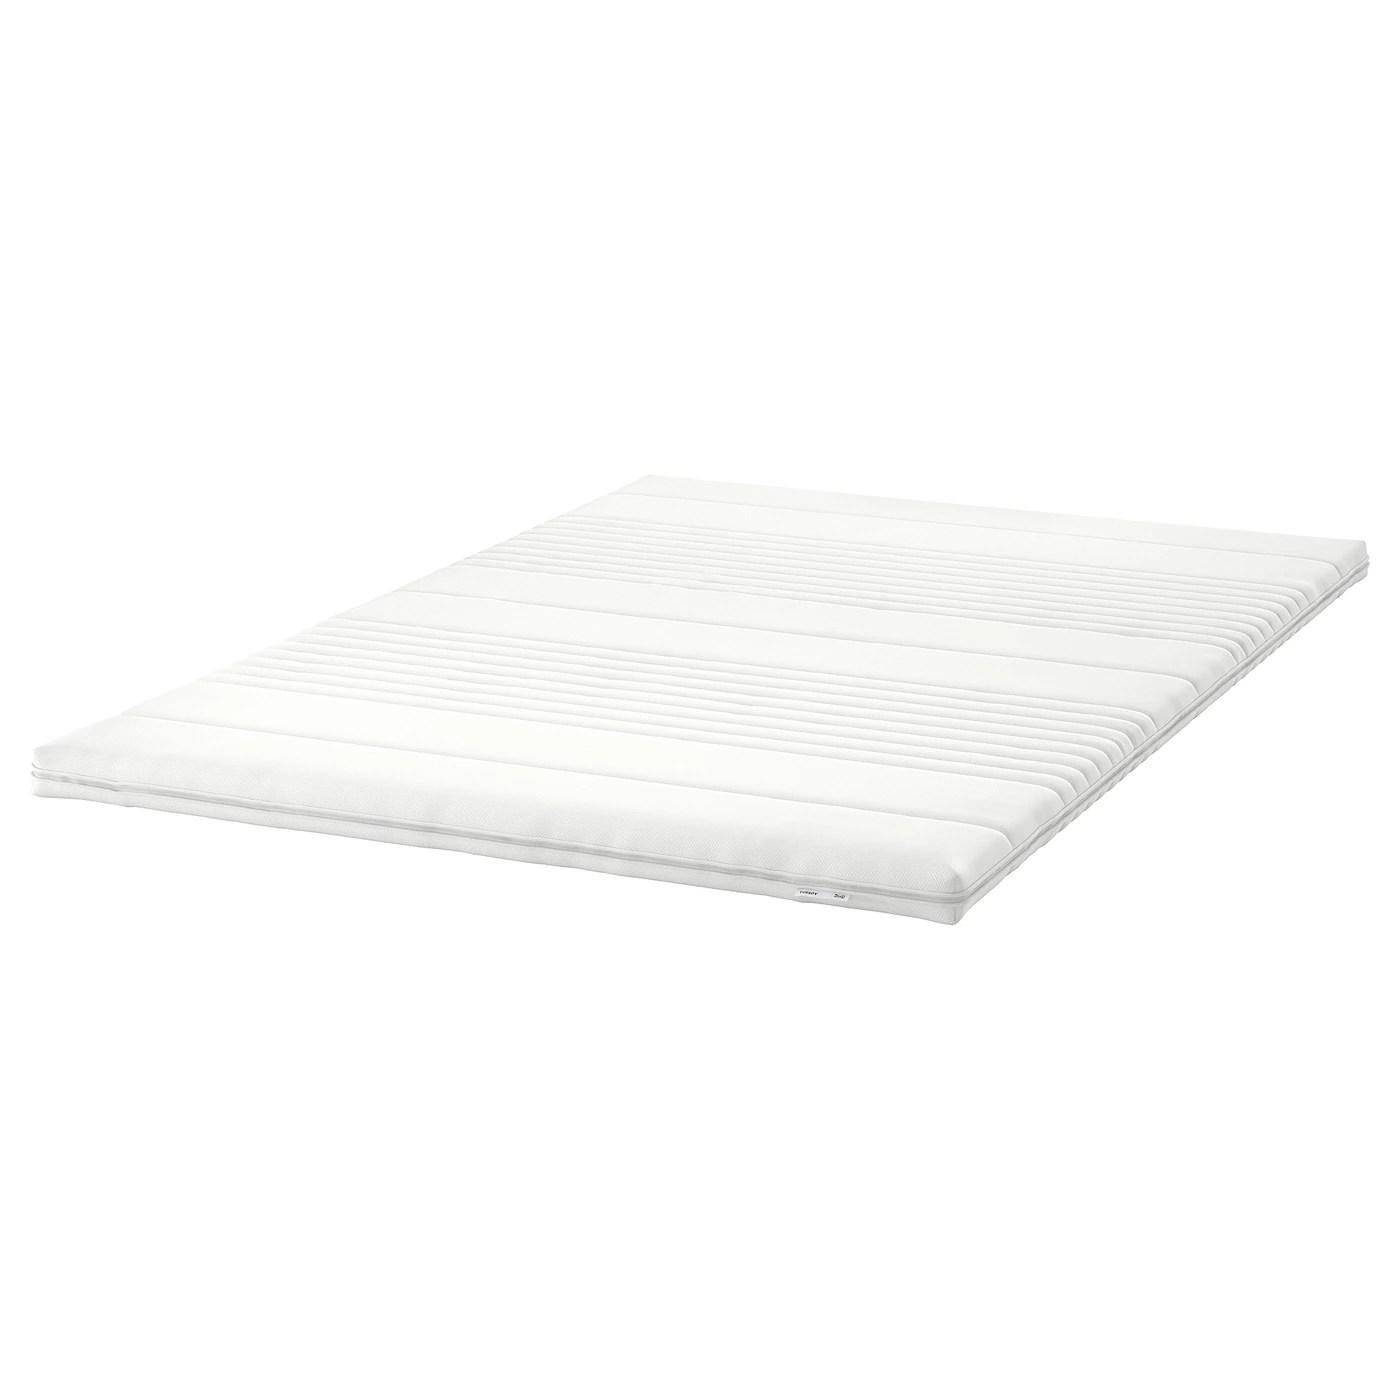 tussoy surmatelas blanc 140x200 cm